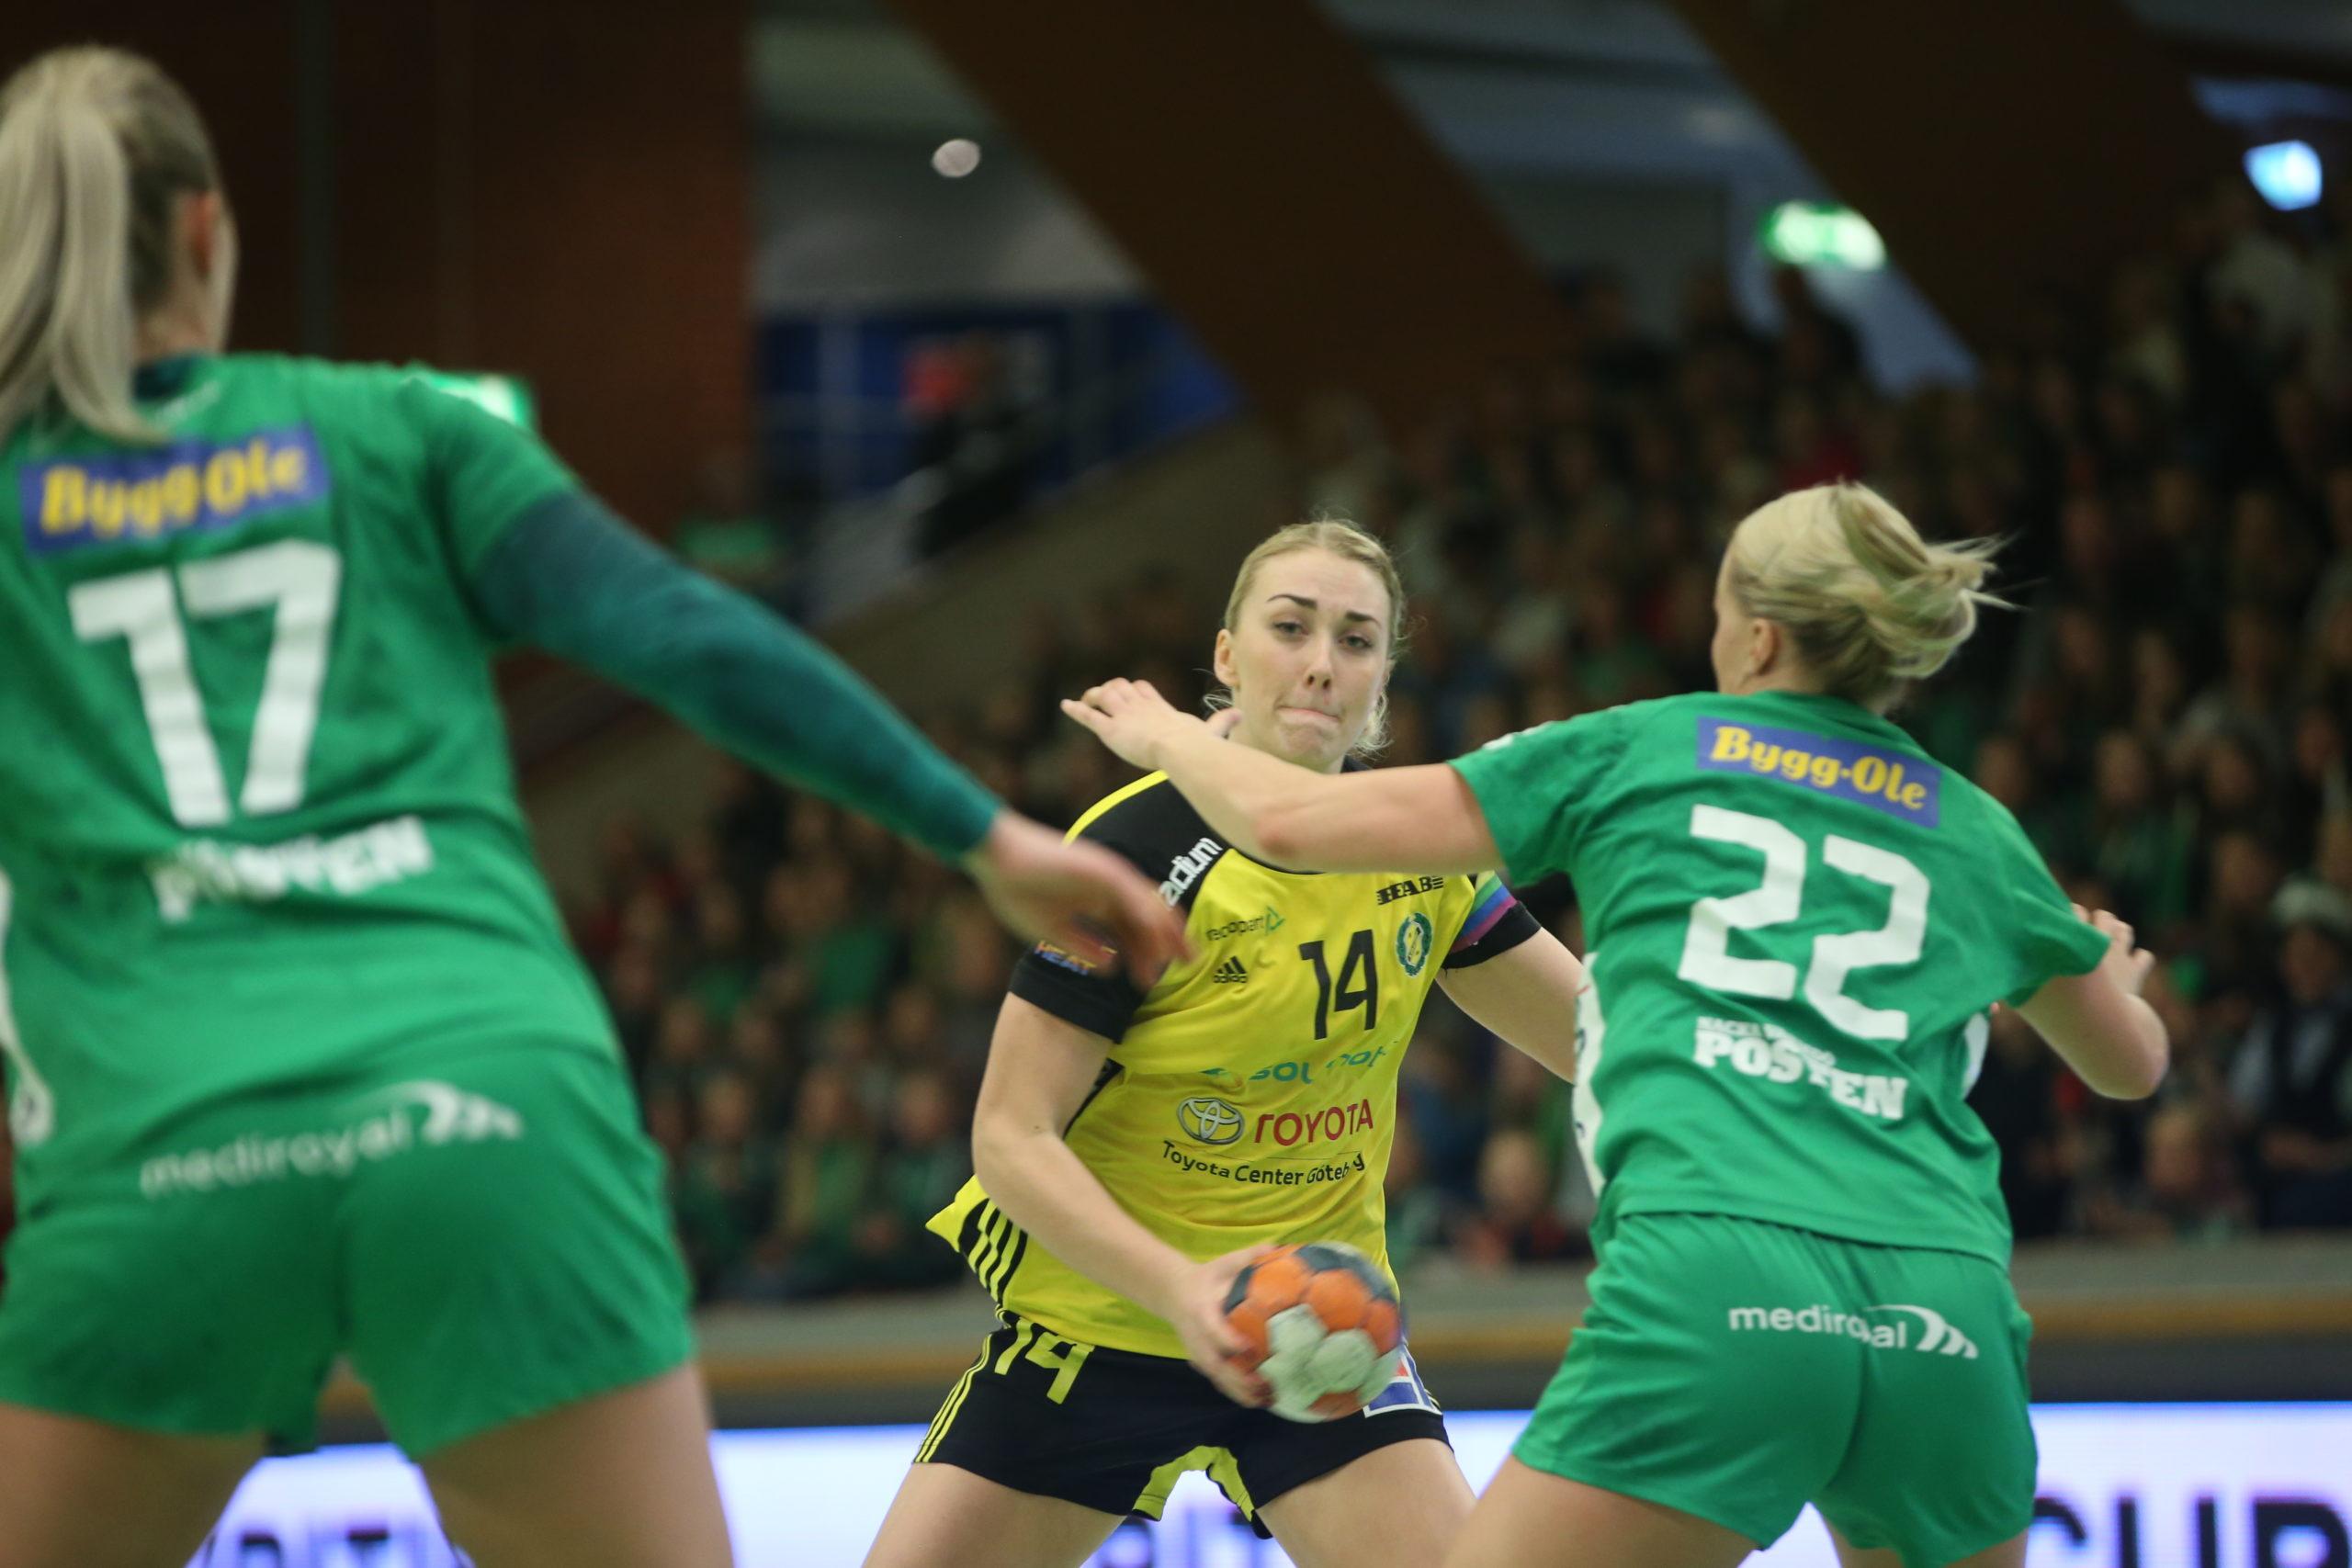 Handsbolls match. En tjej I gul och svart matchtröja blir försvarad av två tjejer i gröna matchställ.